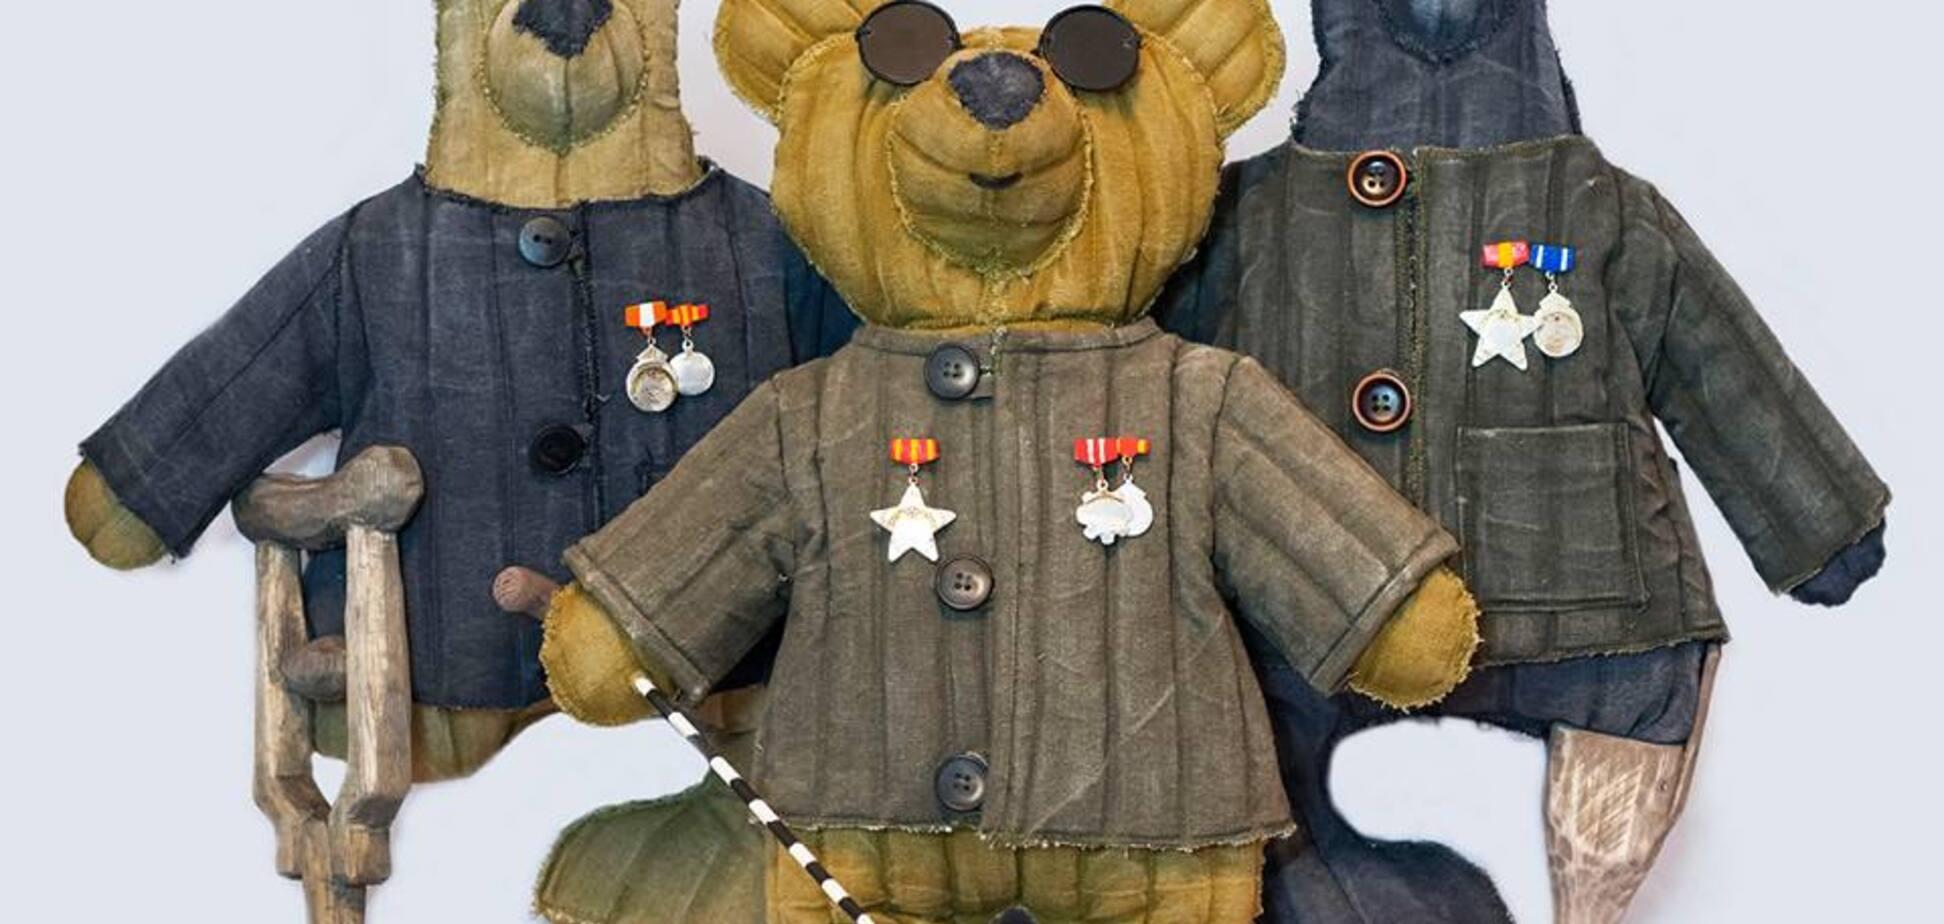 'Вата — русская душа': в РФ ветеранам посвятили коллекцию игрушек-инвалидов